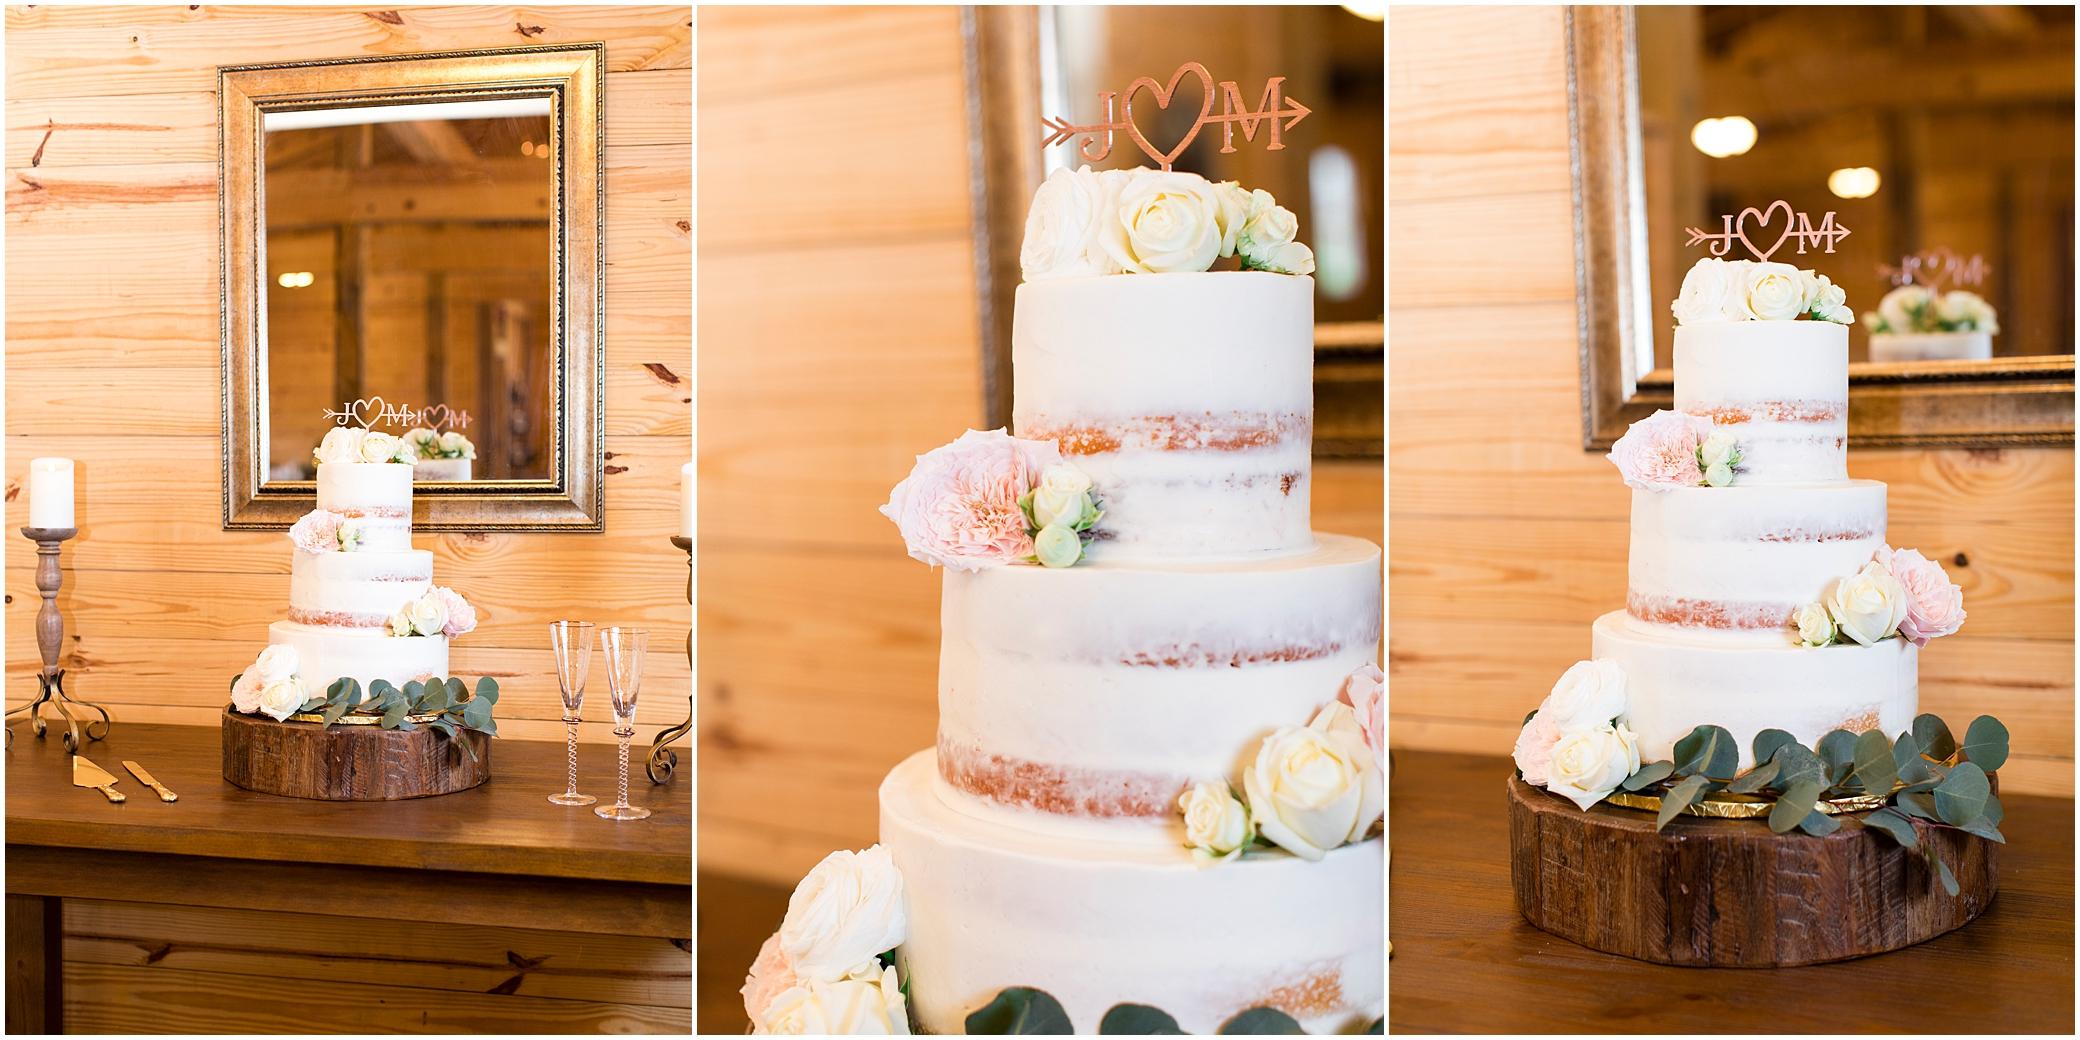 wedding reception decor at sierra vista wedding, wedding cake by angela hudson